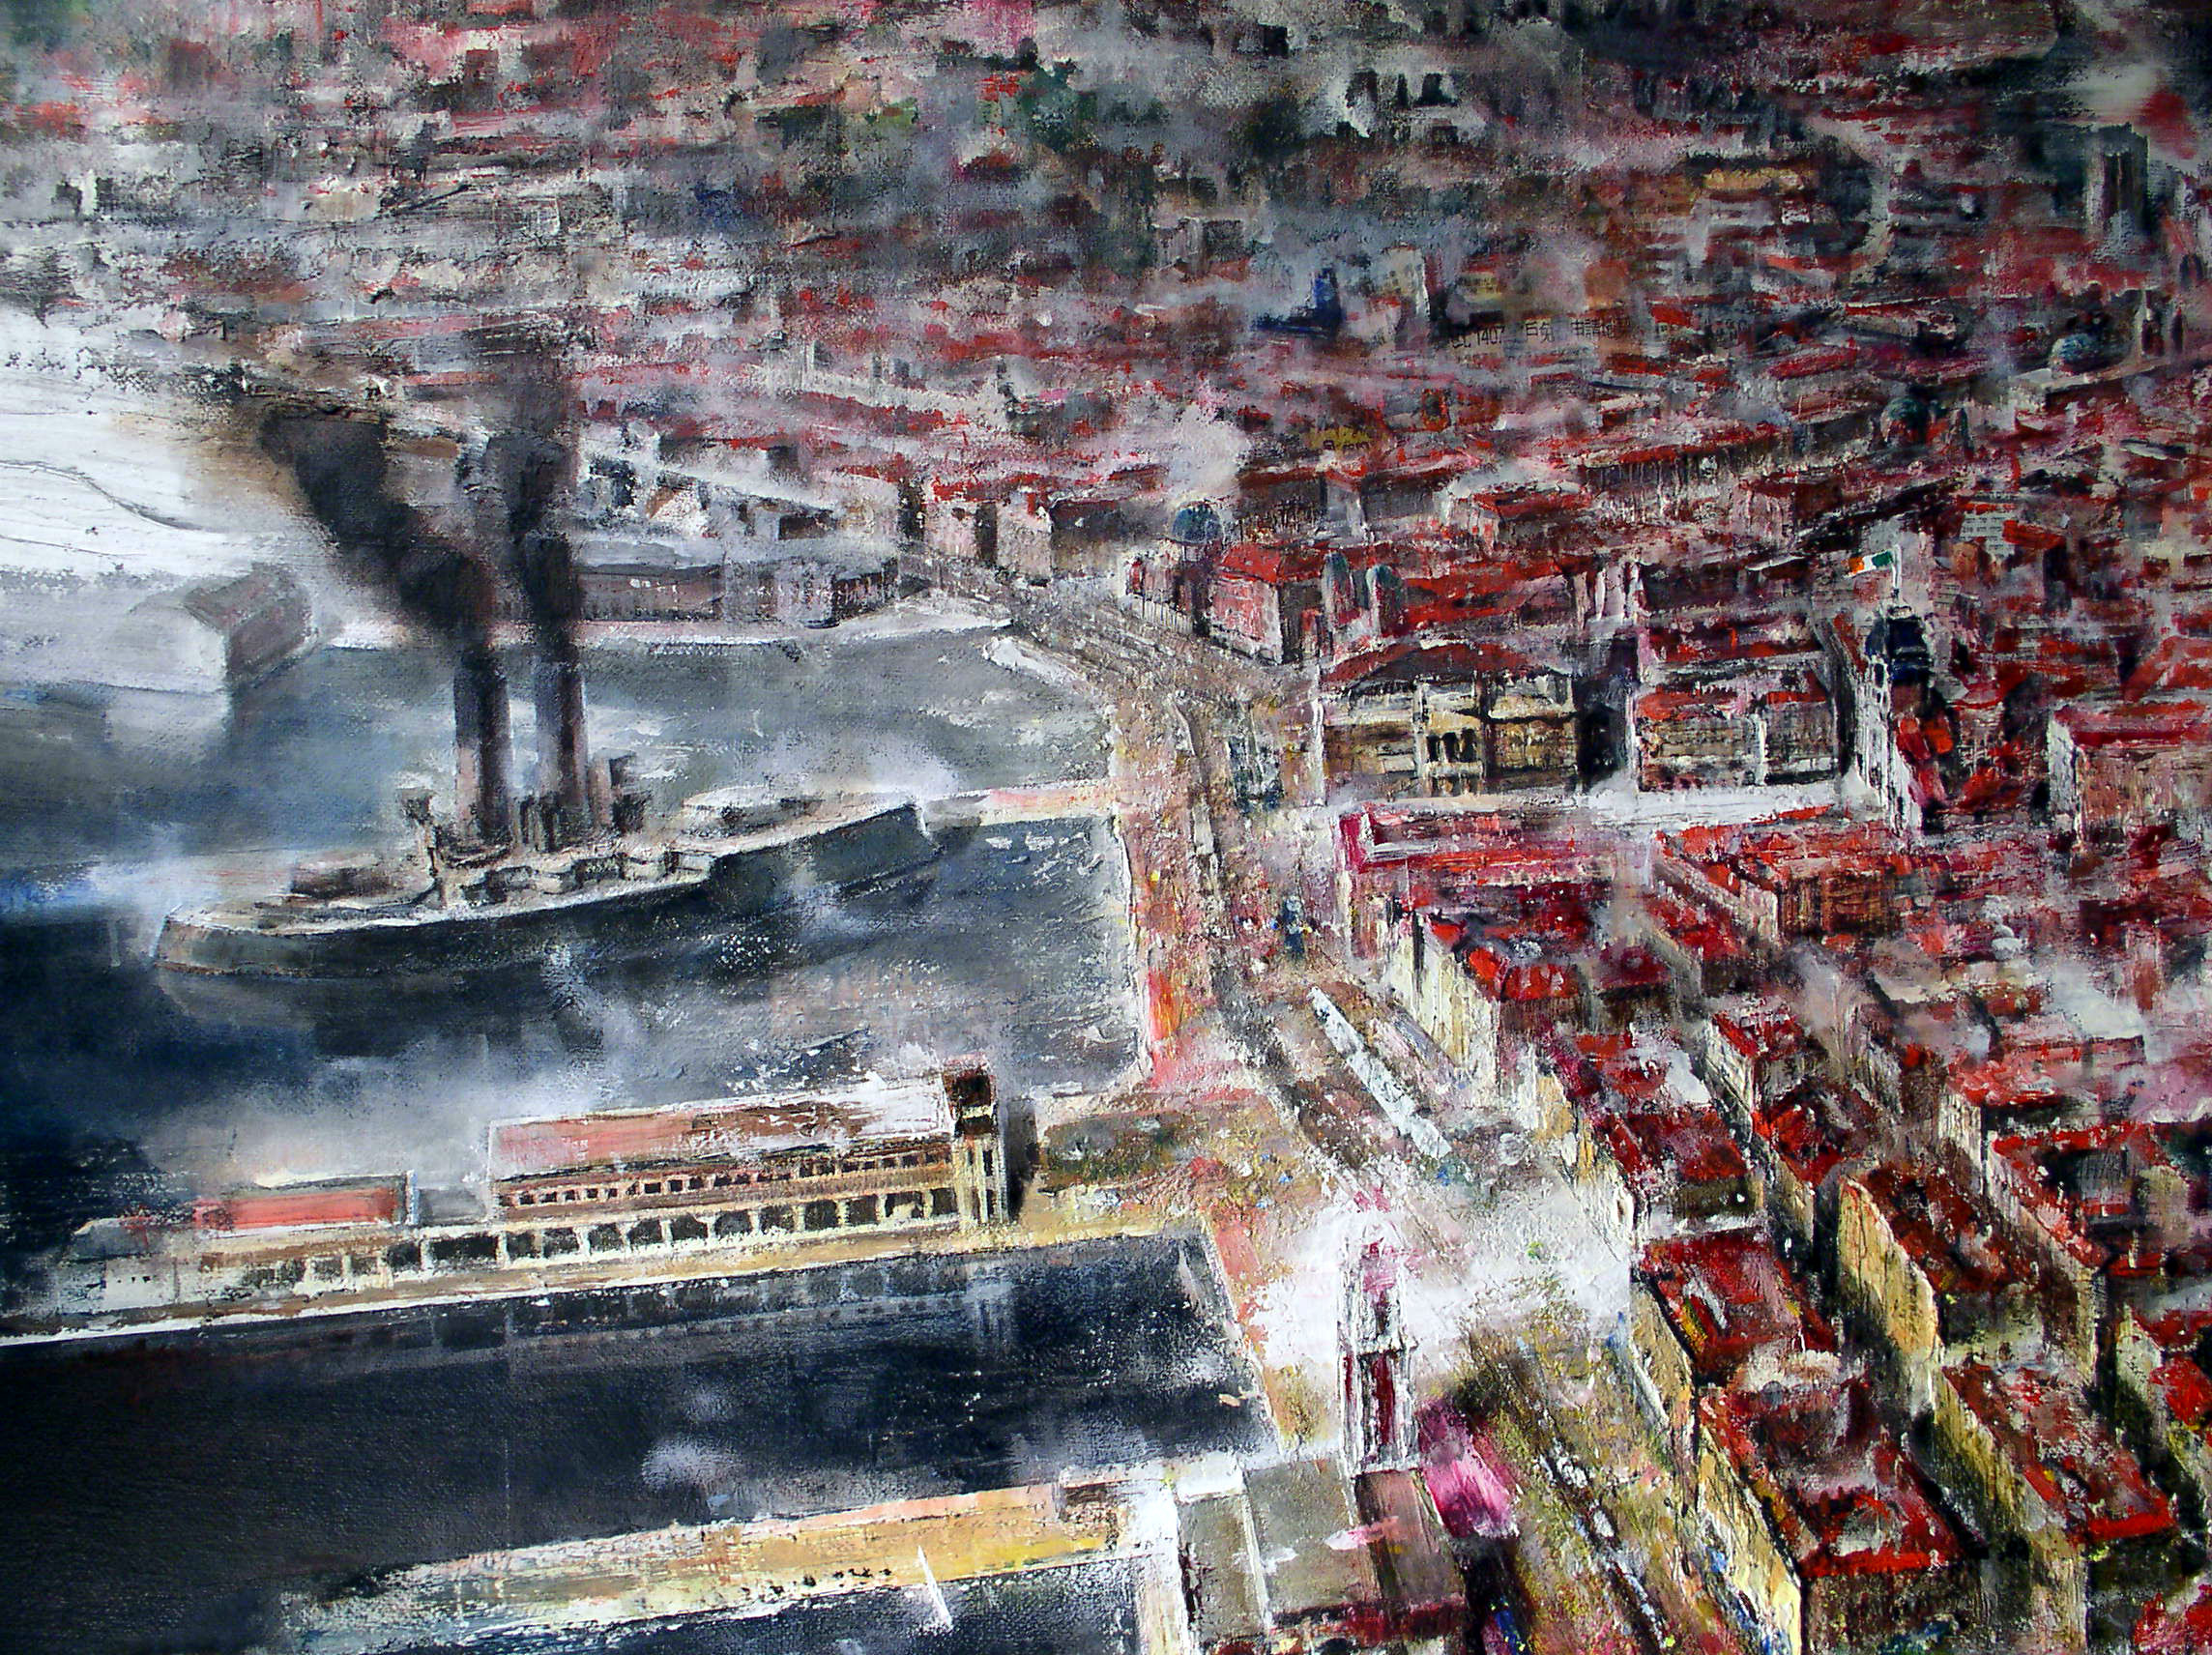 particolare del dipinto TRIESTE olio su tela 140x200 fr.santosuosso 2007